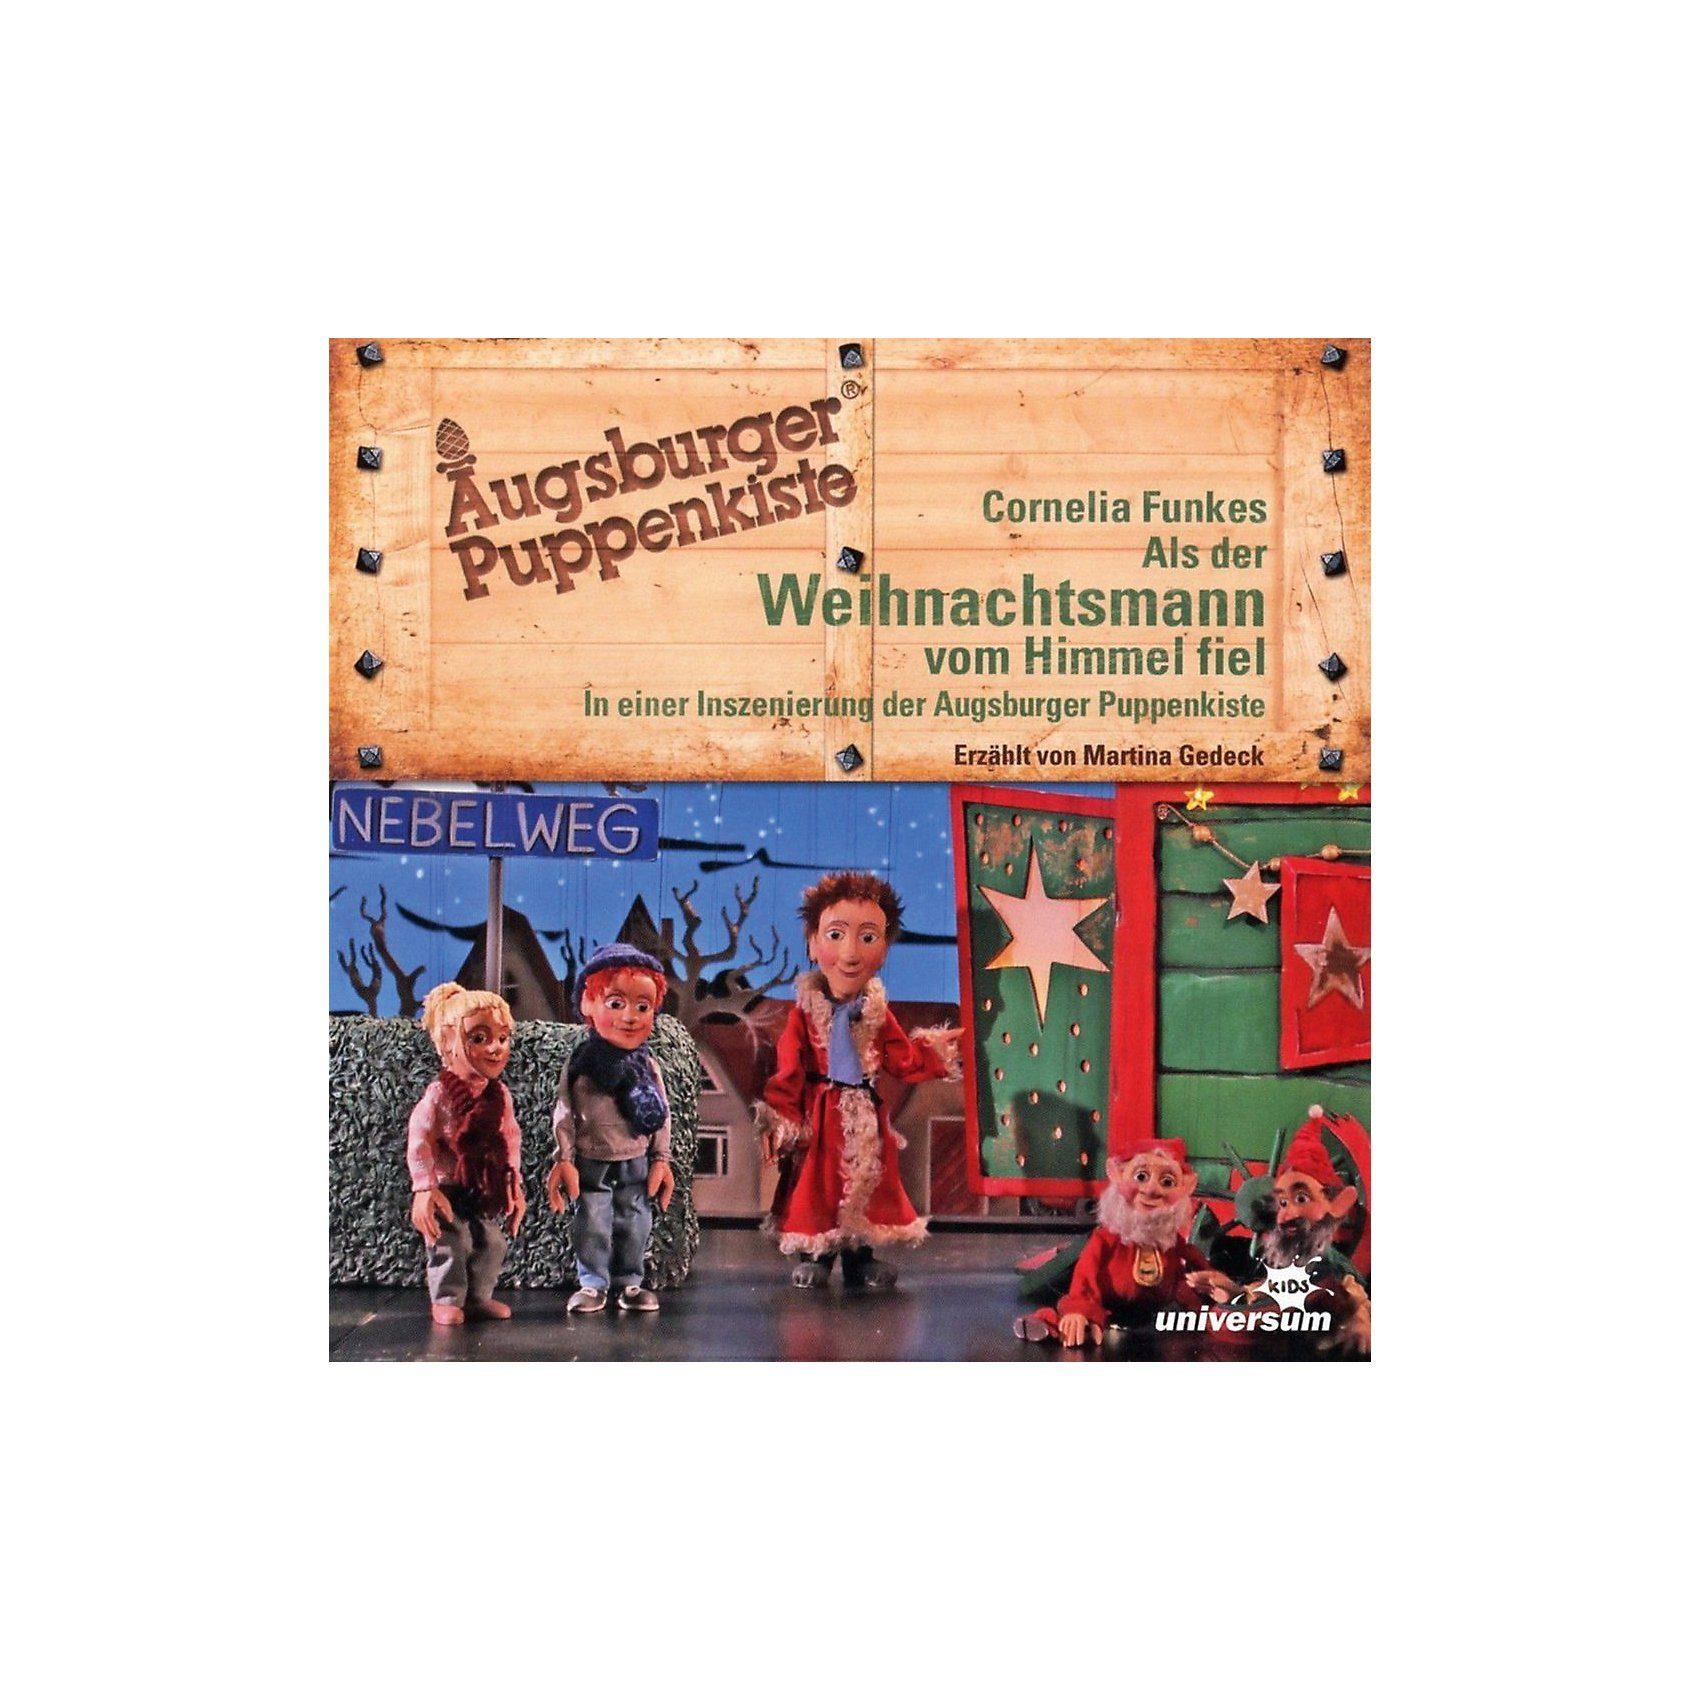 Universum CD Augsburger Puppenkiste - Als der Weihnachtsmann vom Himme